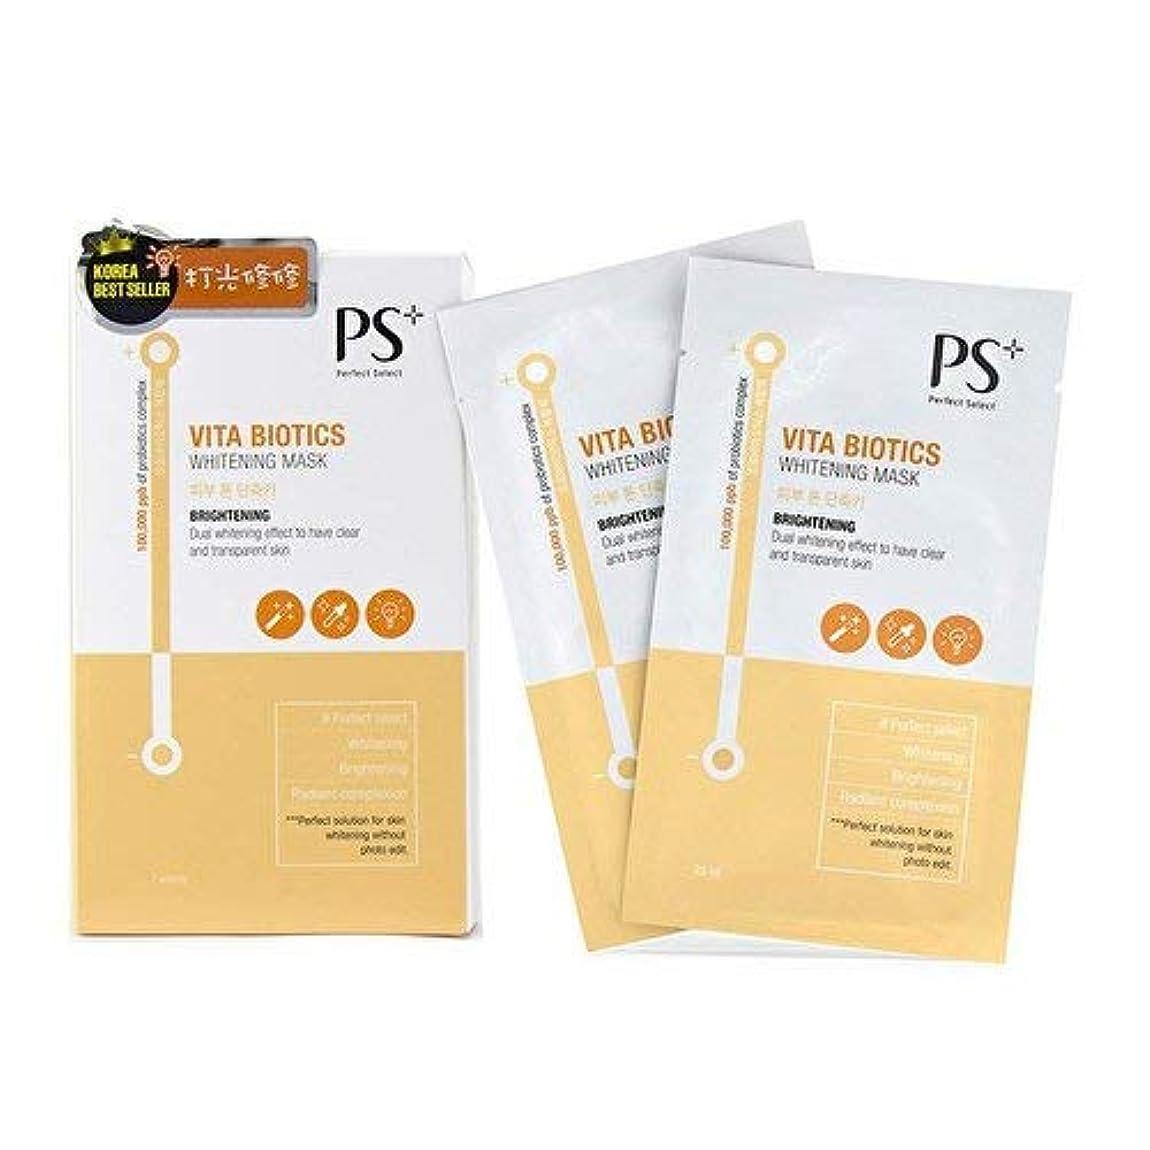 分布粘り強い線形PS Perfect Select Vita Biotics Whitening Mask - Brightening 7pcs並行輸入品